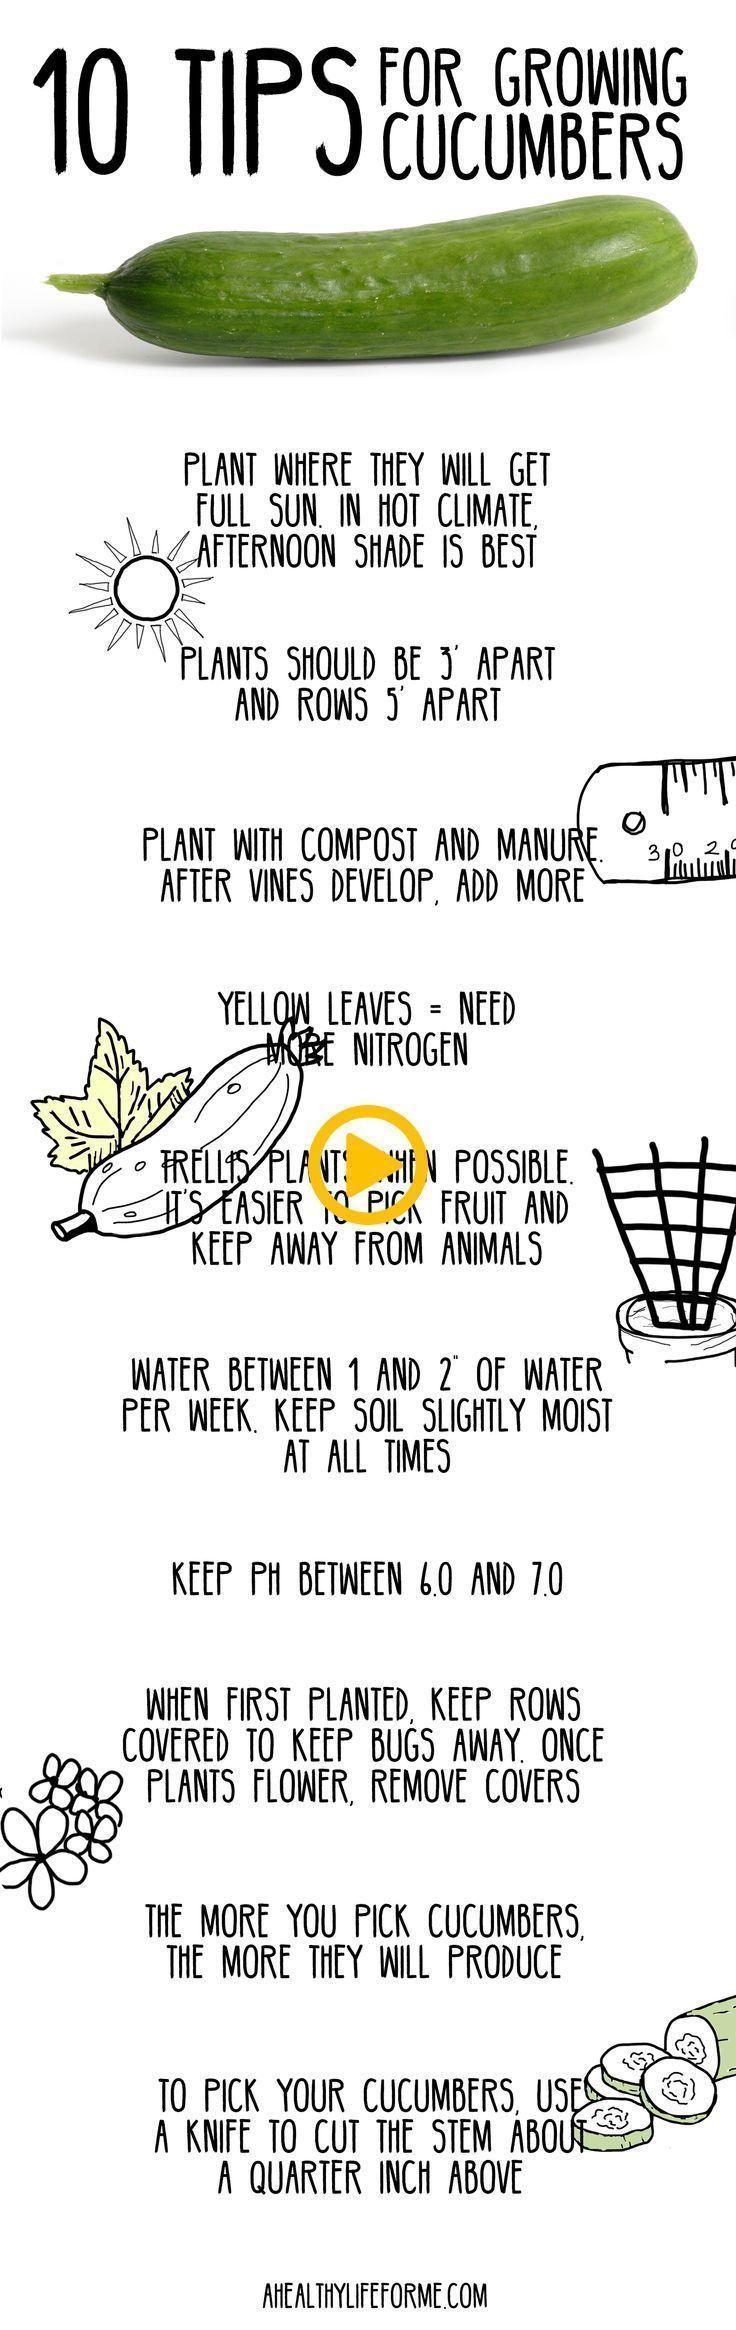 10 Tipps für den Anbau von Gurken. DYI Gardening How To Life Hack Anbau von Gemüse #anbauvongemüse 10 Tipps für den Anbau von Gurken. DYI Gardening How To Life Hack Anbau von Gemüse #anbauvongemüse 10 Tipps für den Anbau von Gurken. DYI Gardening How To Life Hack Anbau von Gemüse #anbauvongemüse 10 Tipps für den Anbau von Gurken. DYI Gardening How To Life Hack Anbau von Gemüse #anbauvongemüse 10 Tipps für den Anbau von Gurken. DYI Gardening How To Life Hack Anbau von Gemüse #anbauv #anbauvongemüse